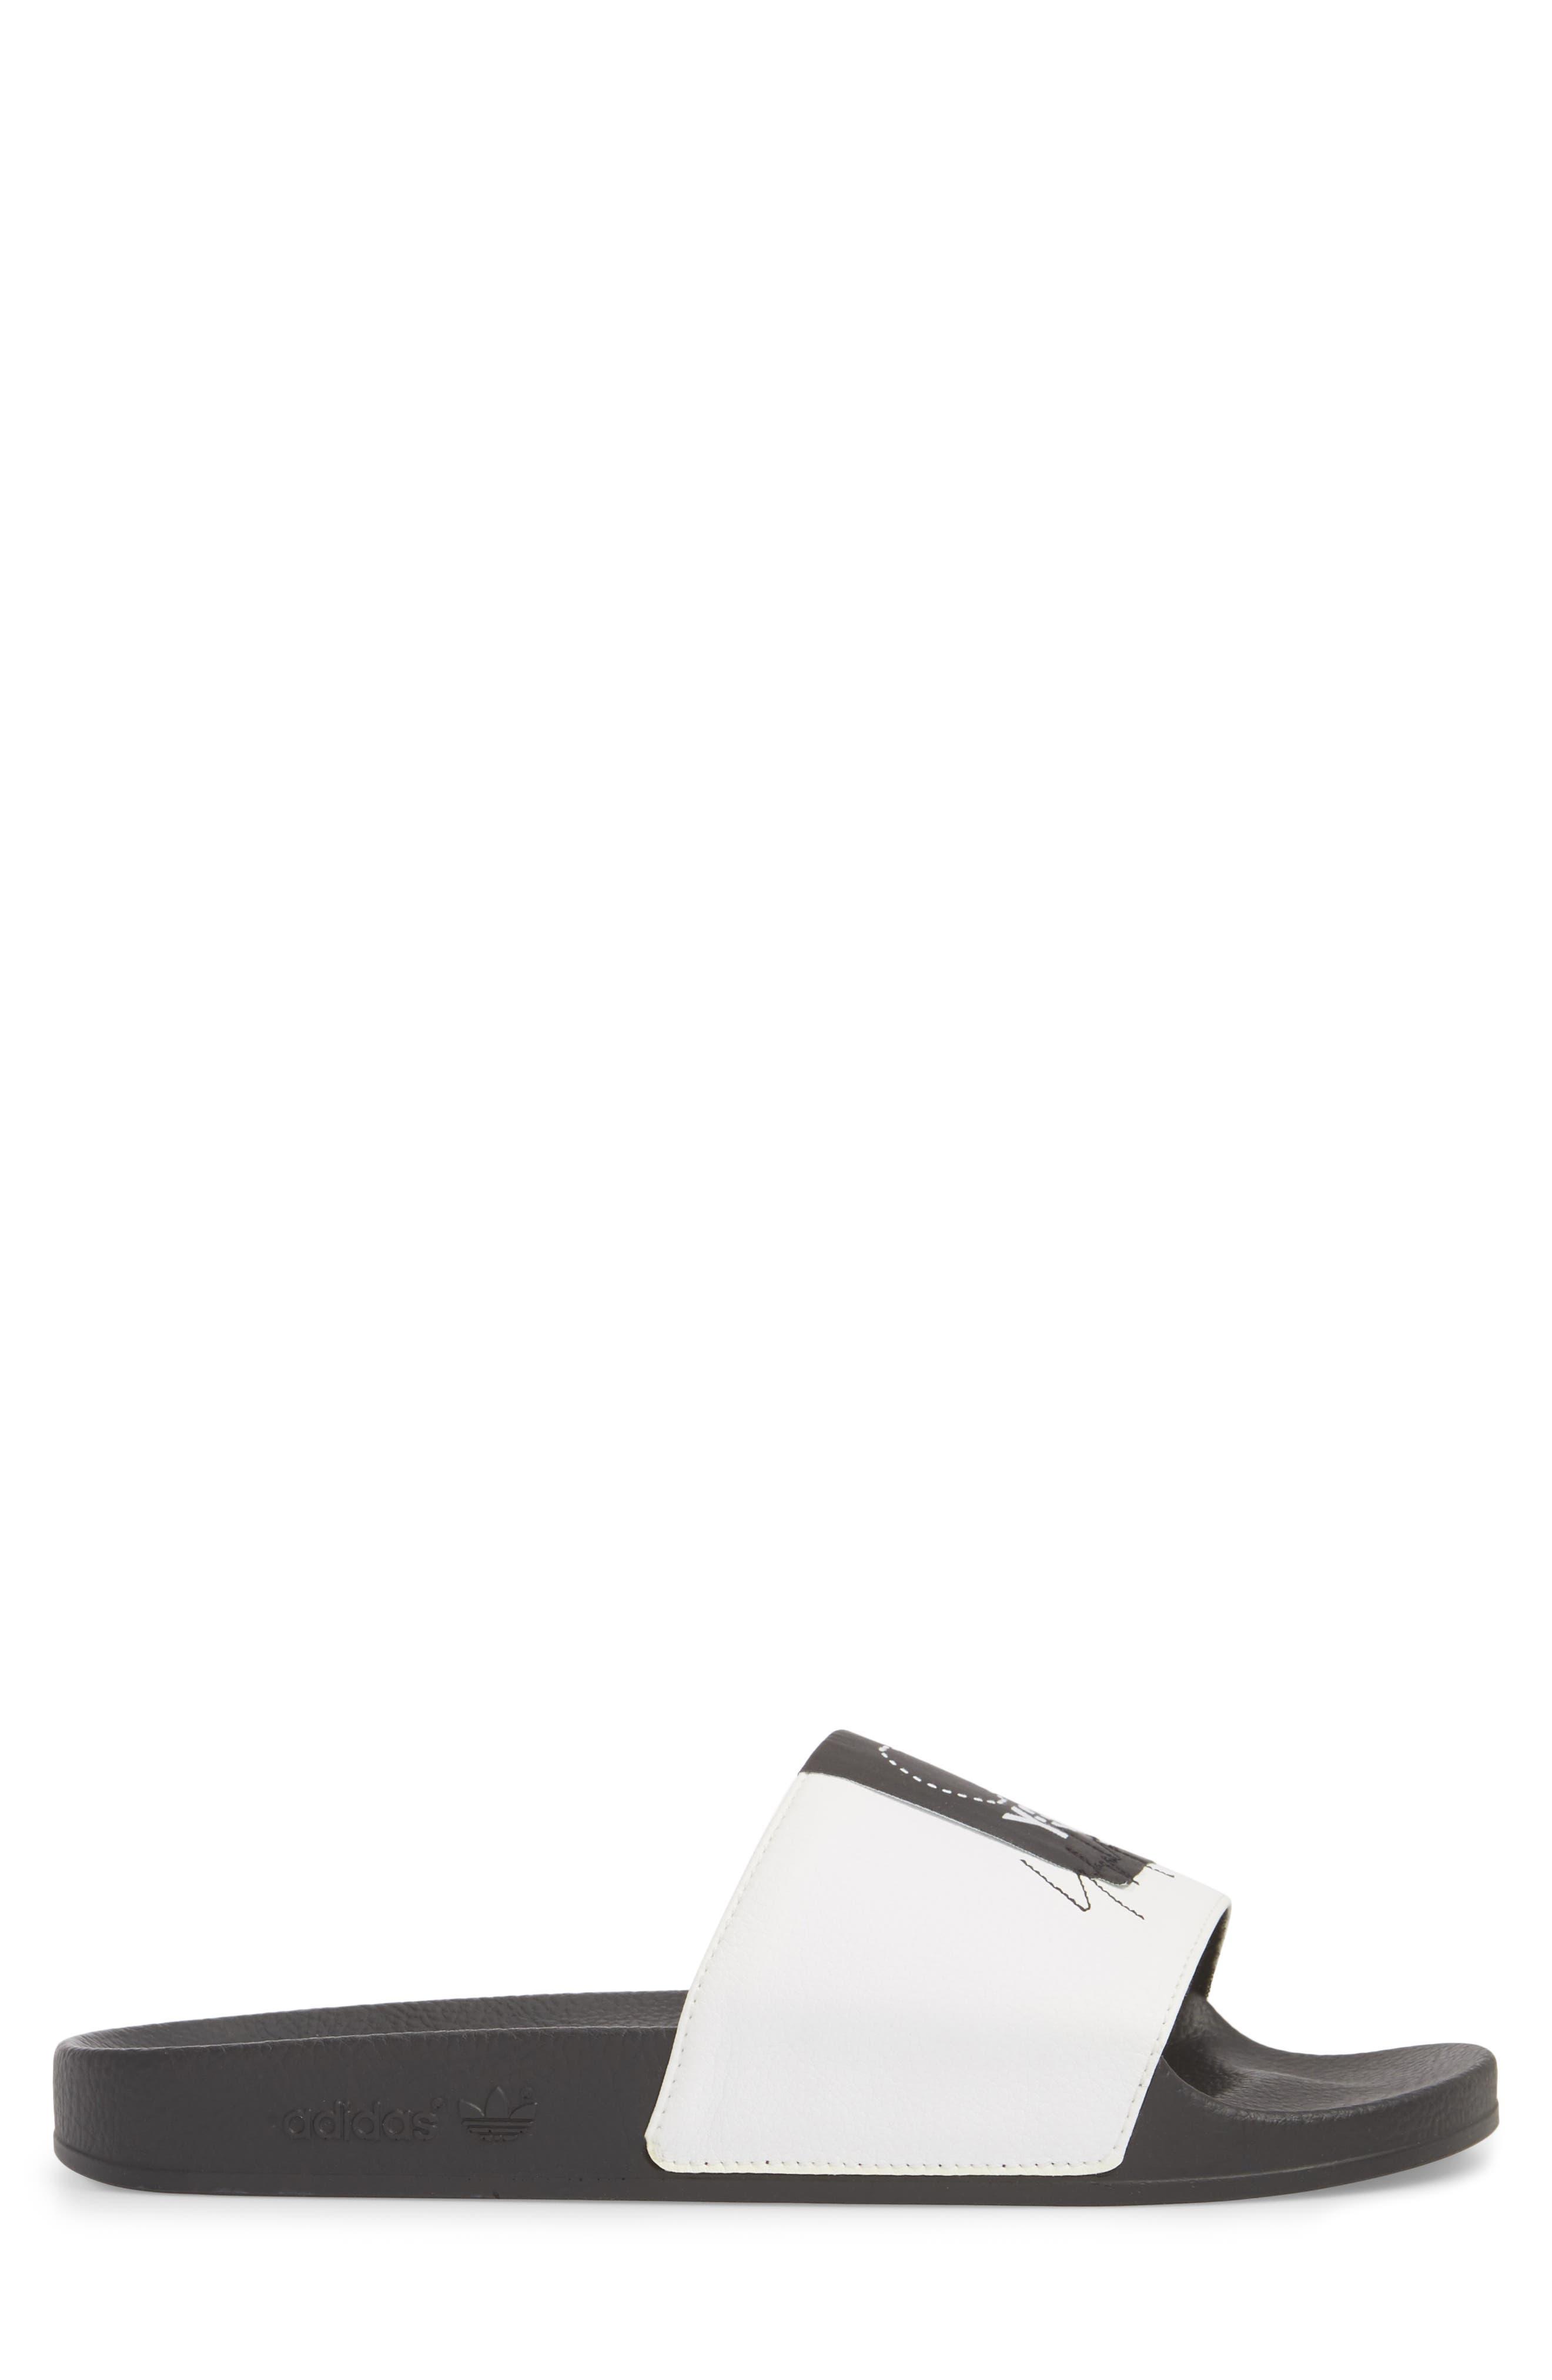 Adilette Slide Sandal,                             Alternate thumbnail 6, color,                             White/ Black